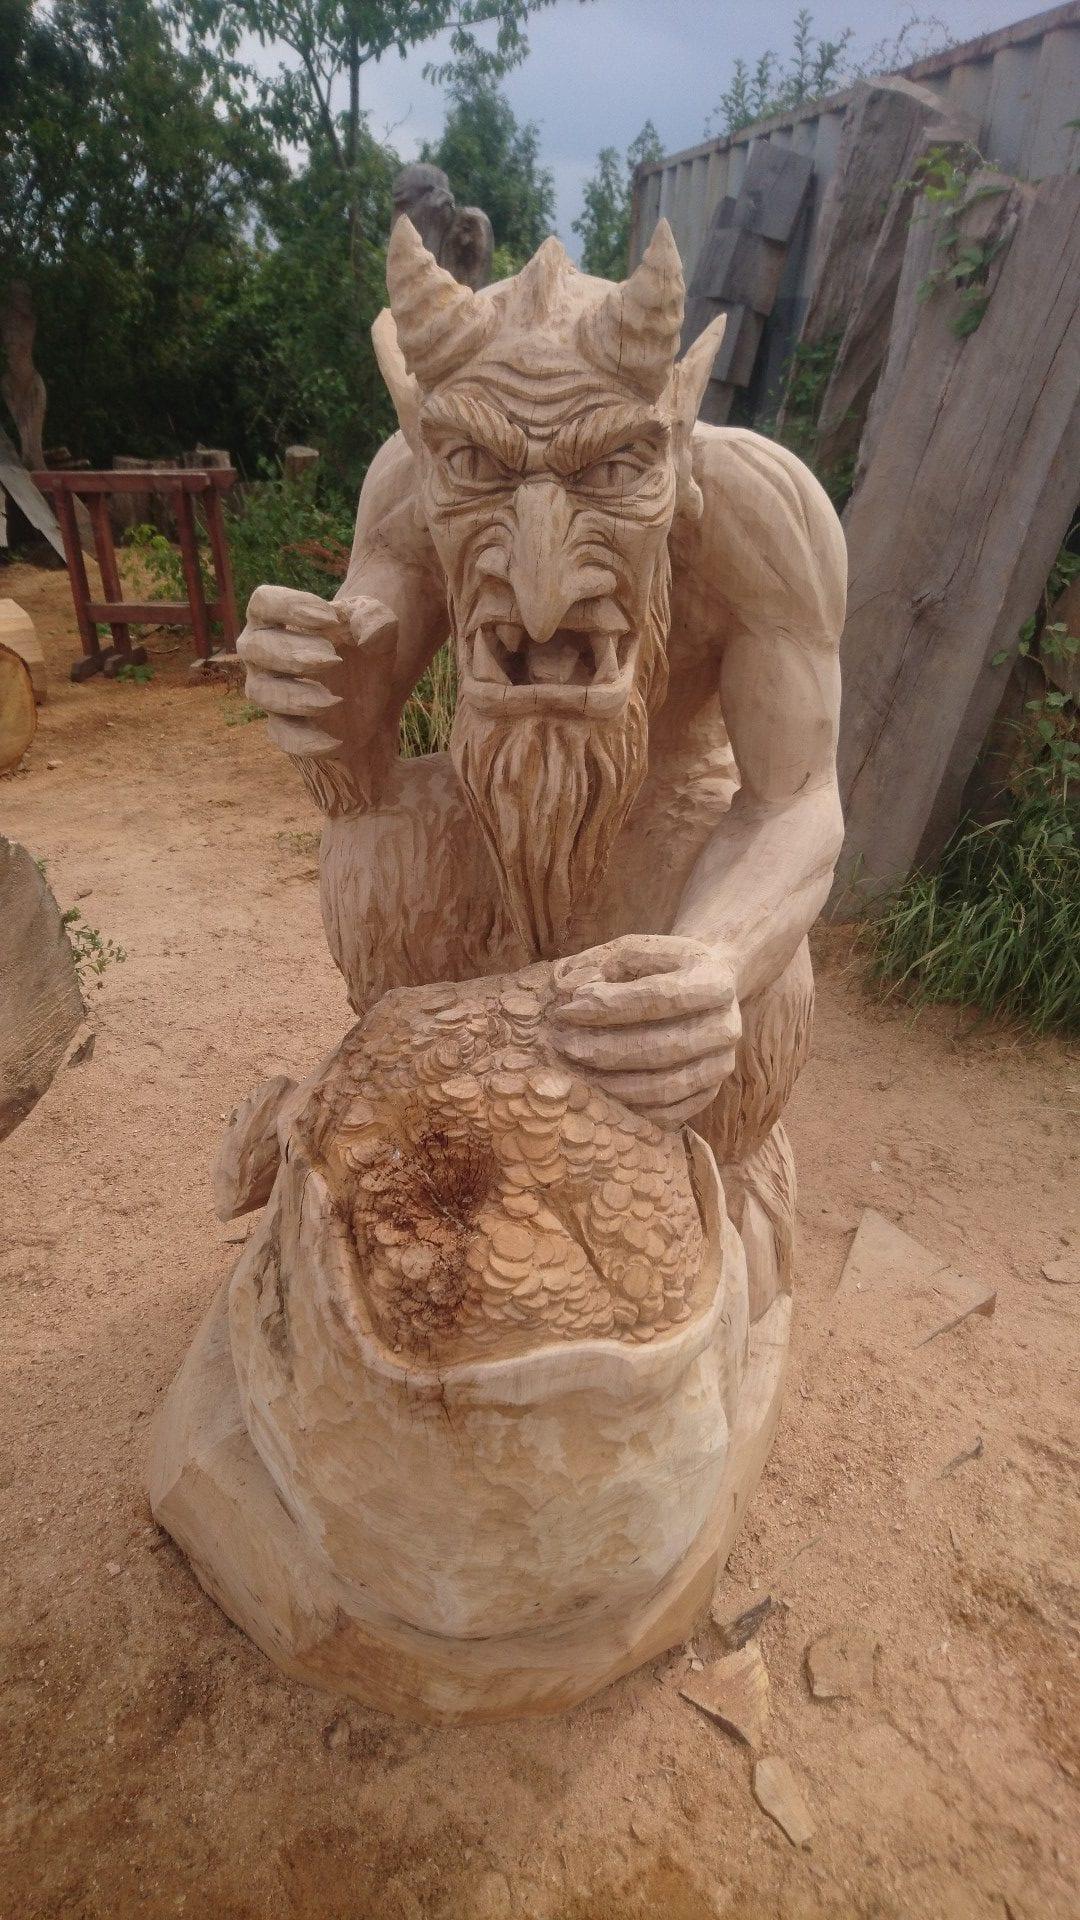 Der Teufel vorm Dukatensack (14)